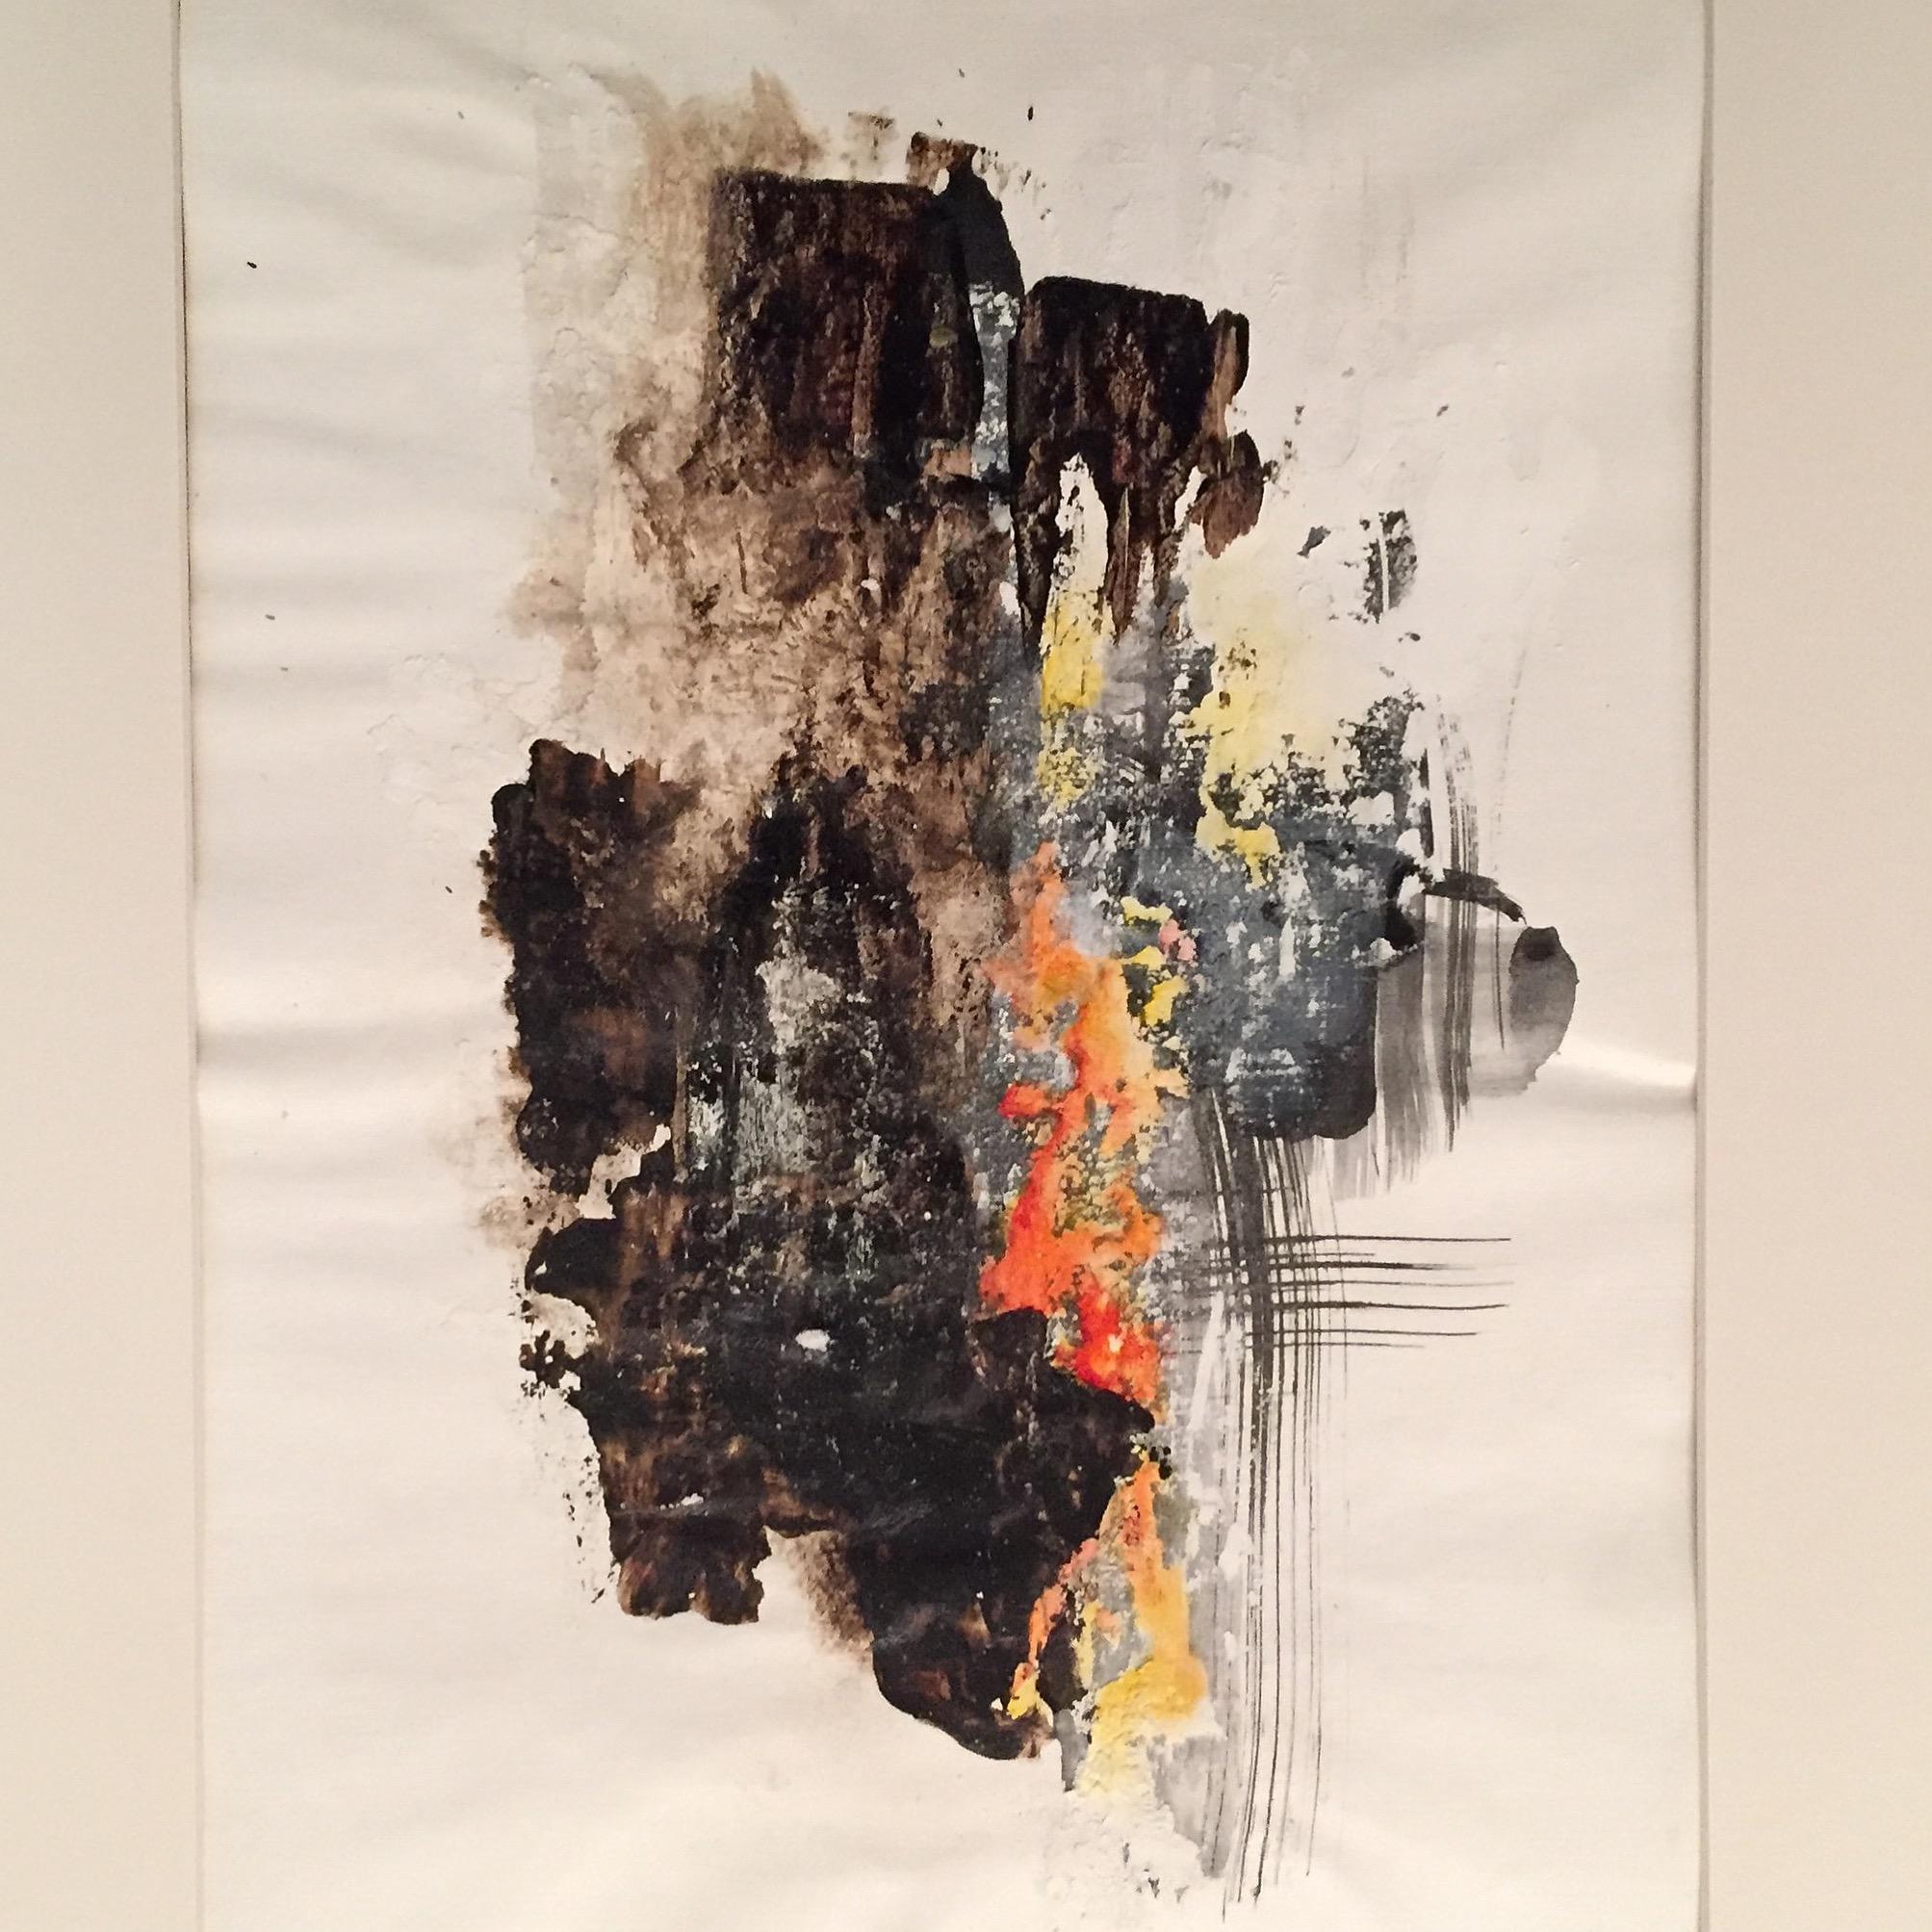 Mischtechnik Bitumen, Pigment, Tusche und Wandfarbe auf Acrylpapier